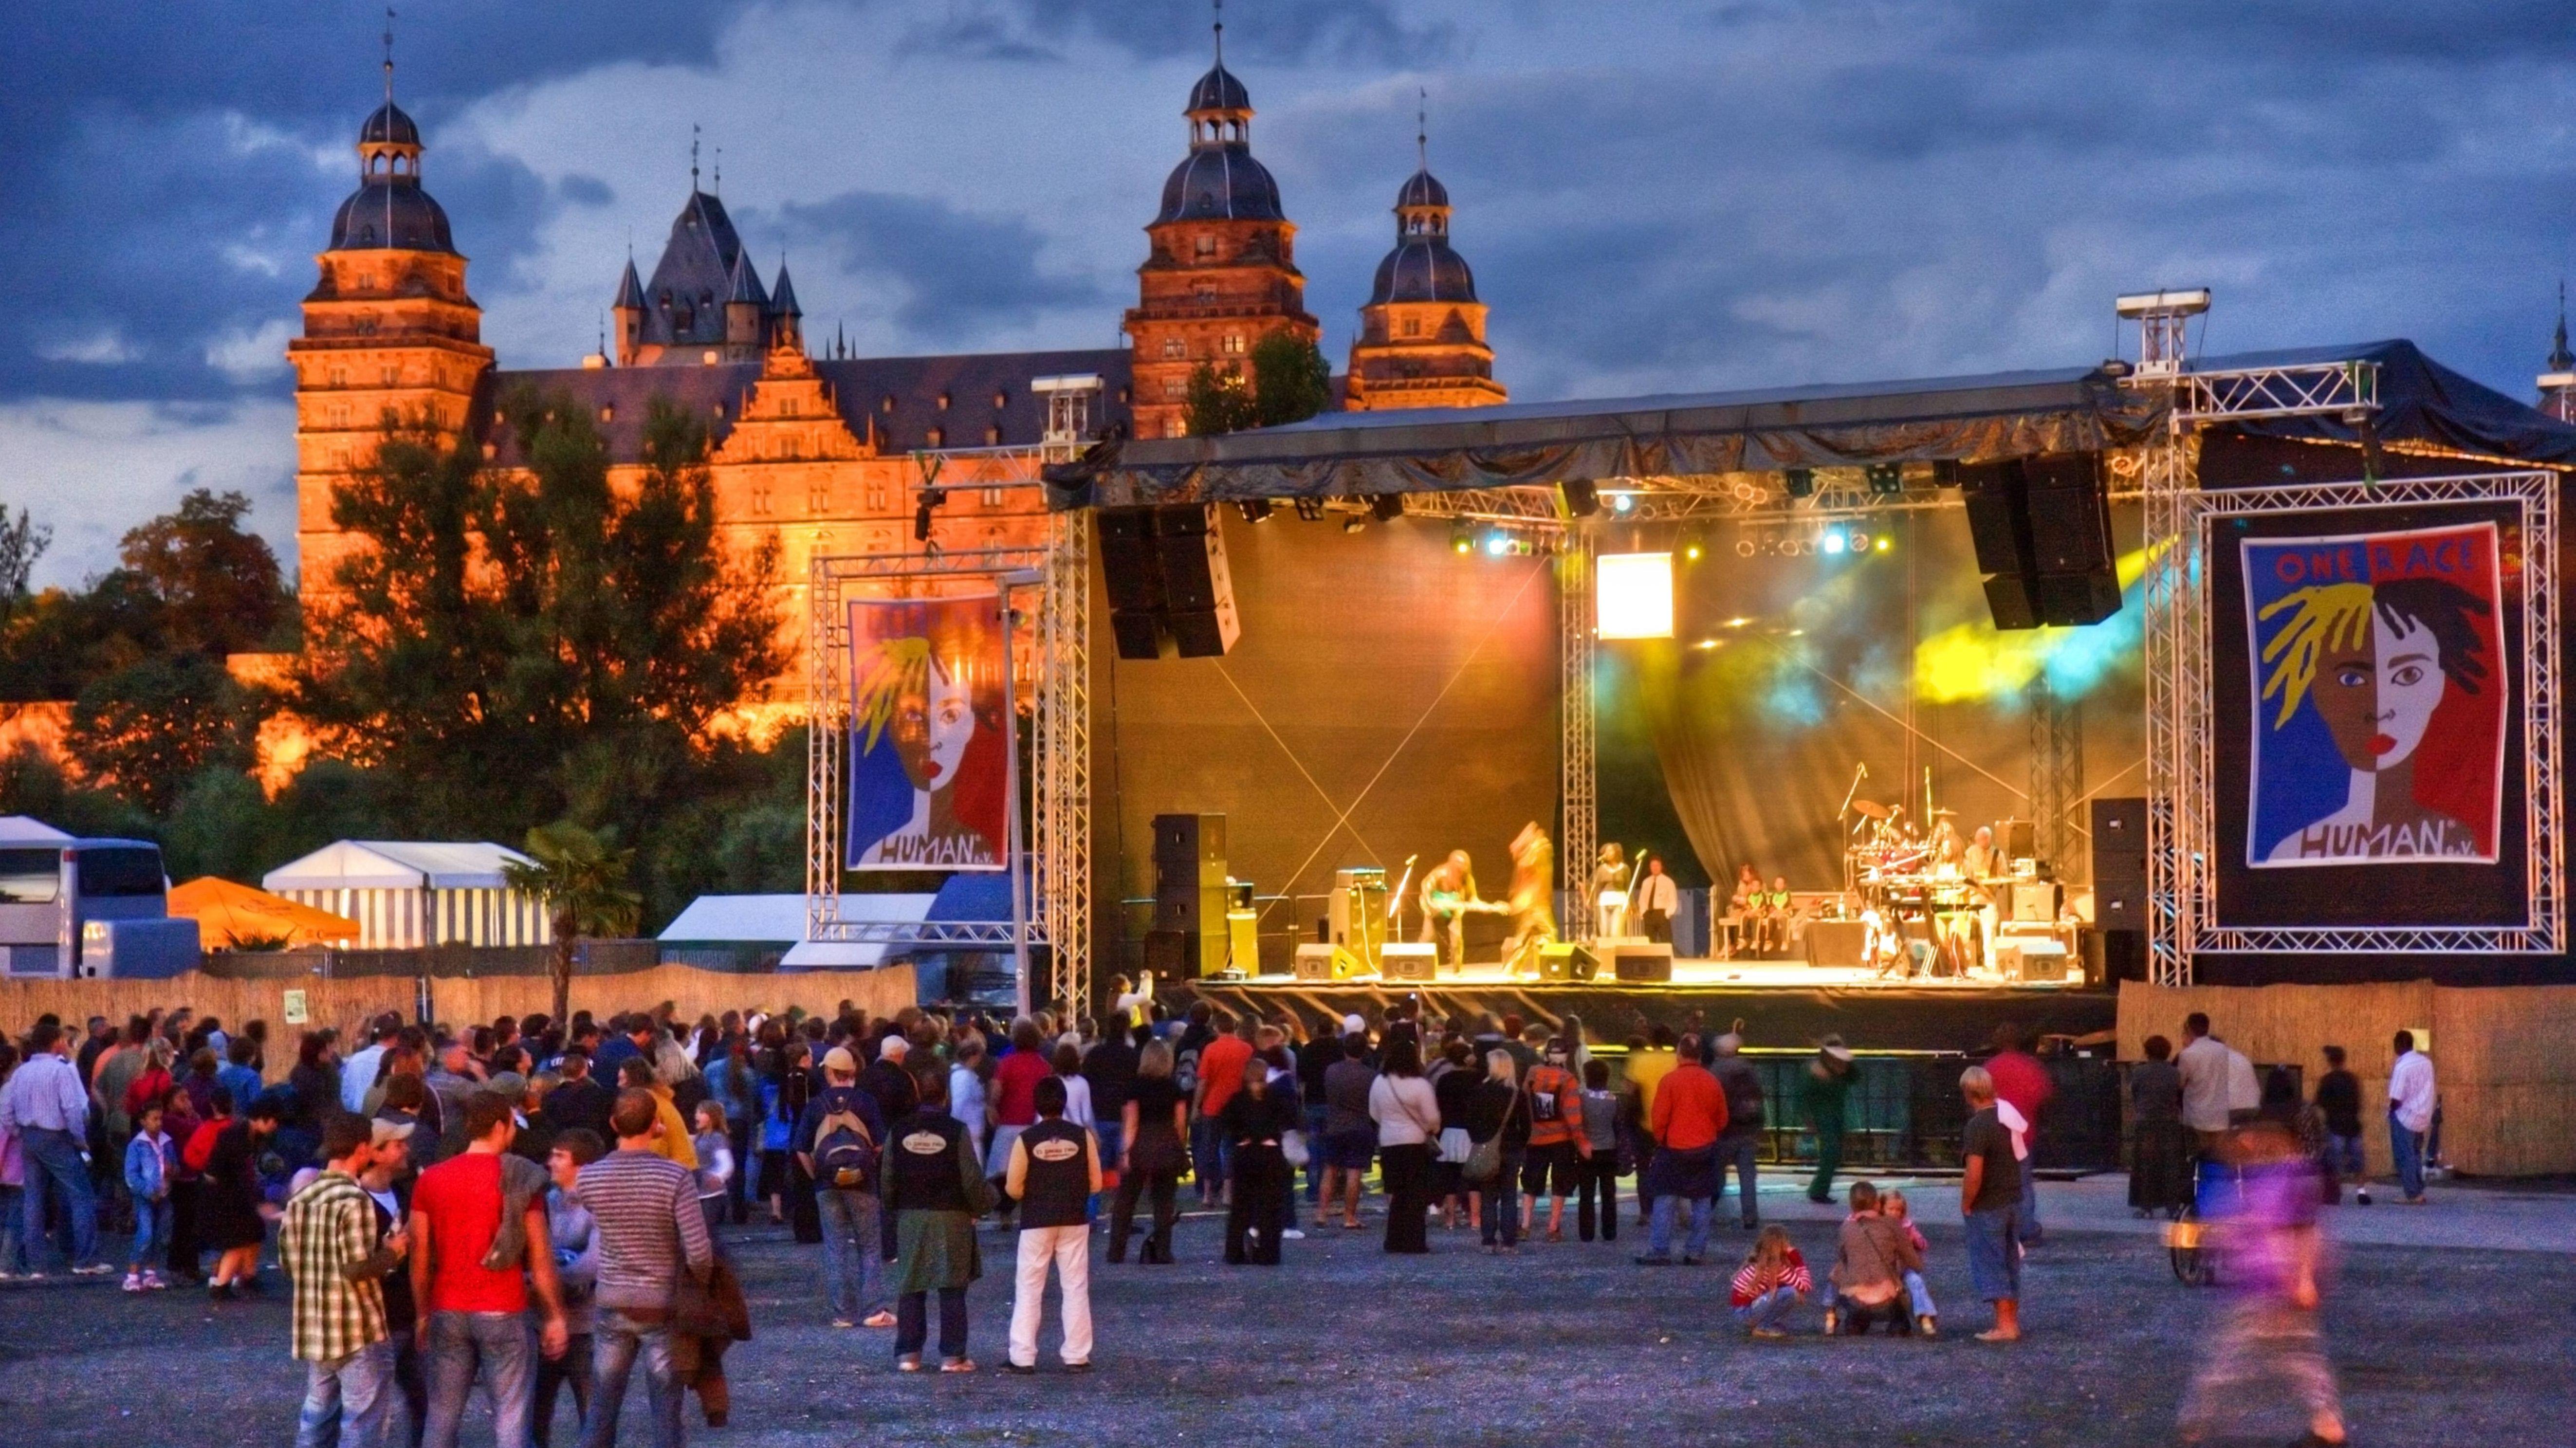 Die Hauptbühne des One Race...human-Festivals mit Band im Abendlicht. Dahinter ist das Aschaffenburger Schloss Johannisburg zu sehen.